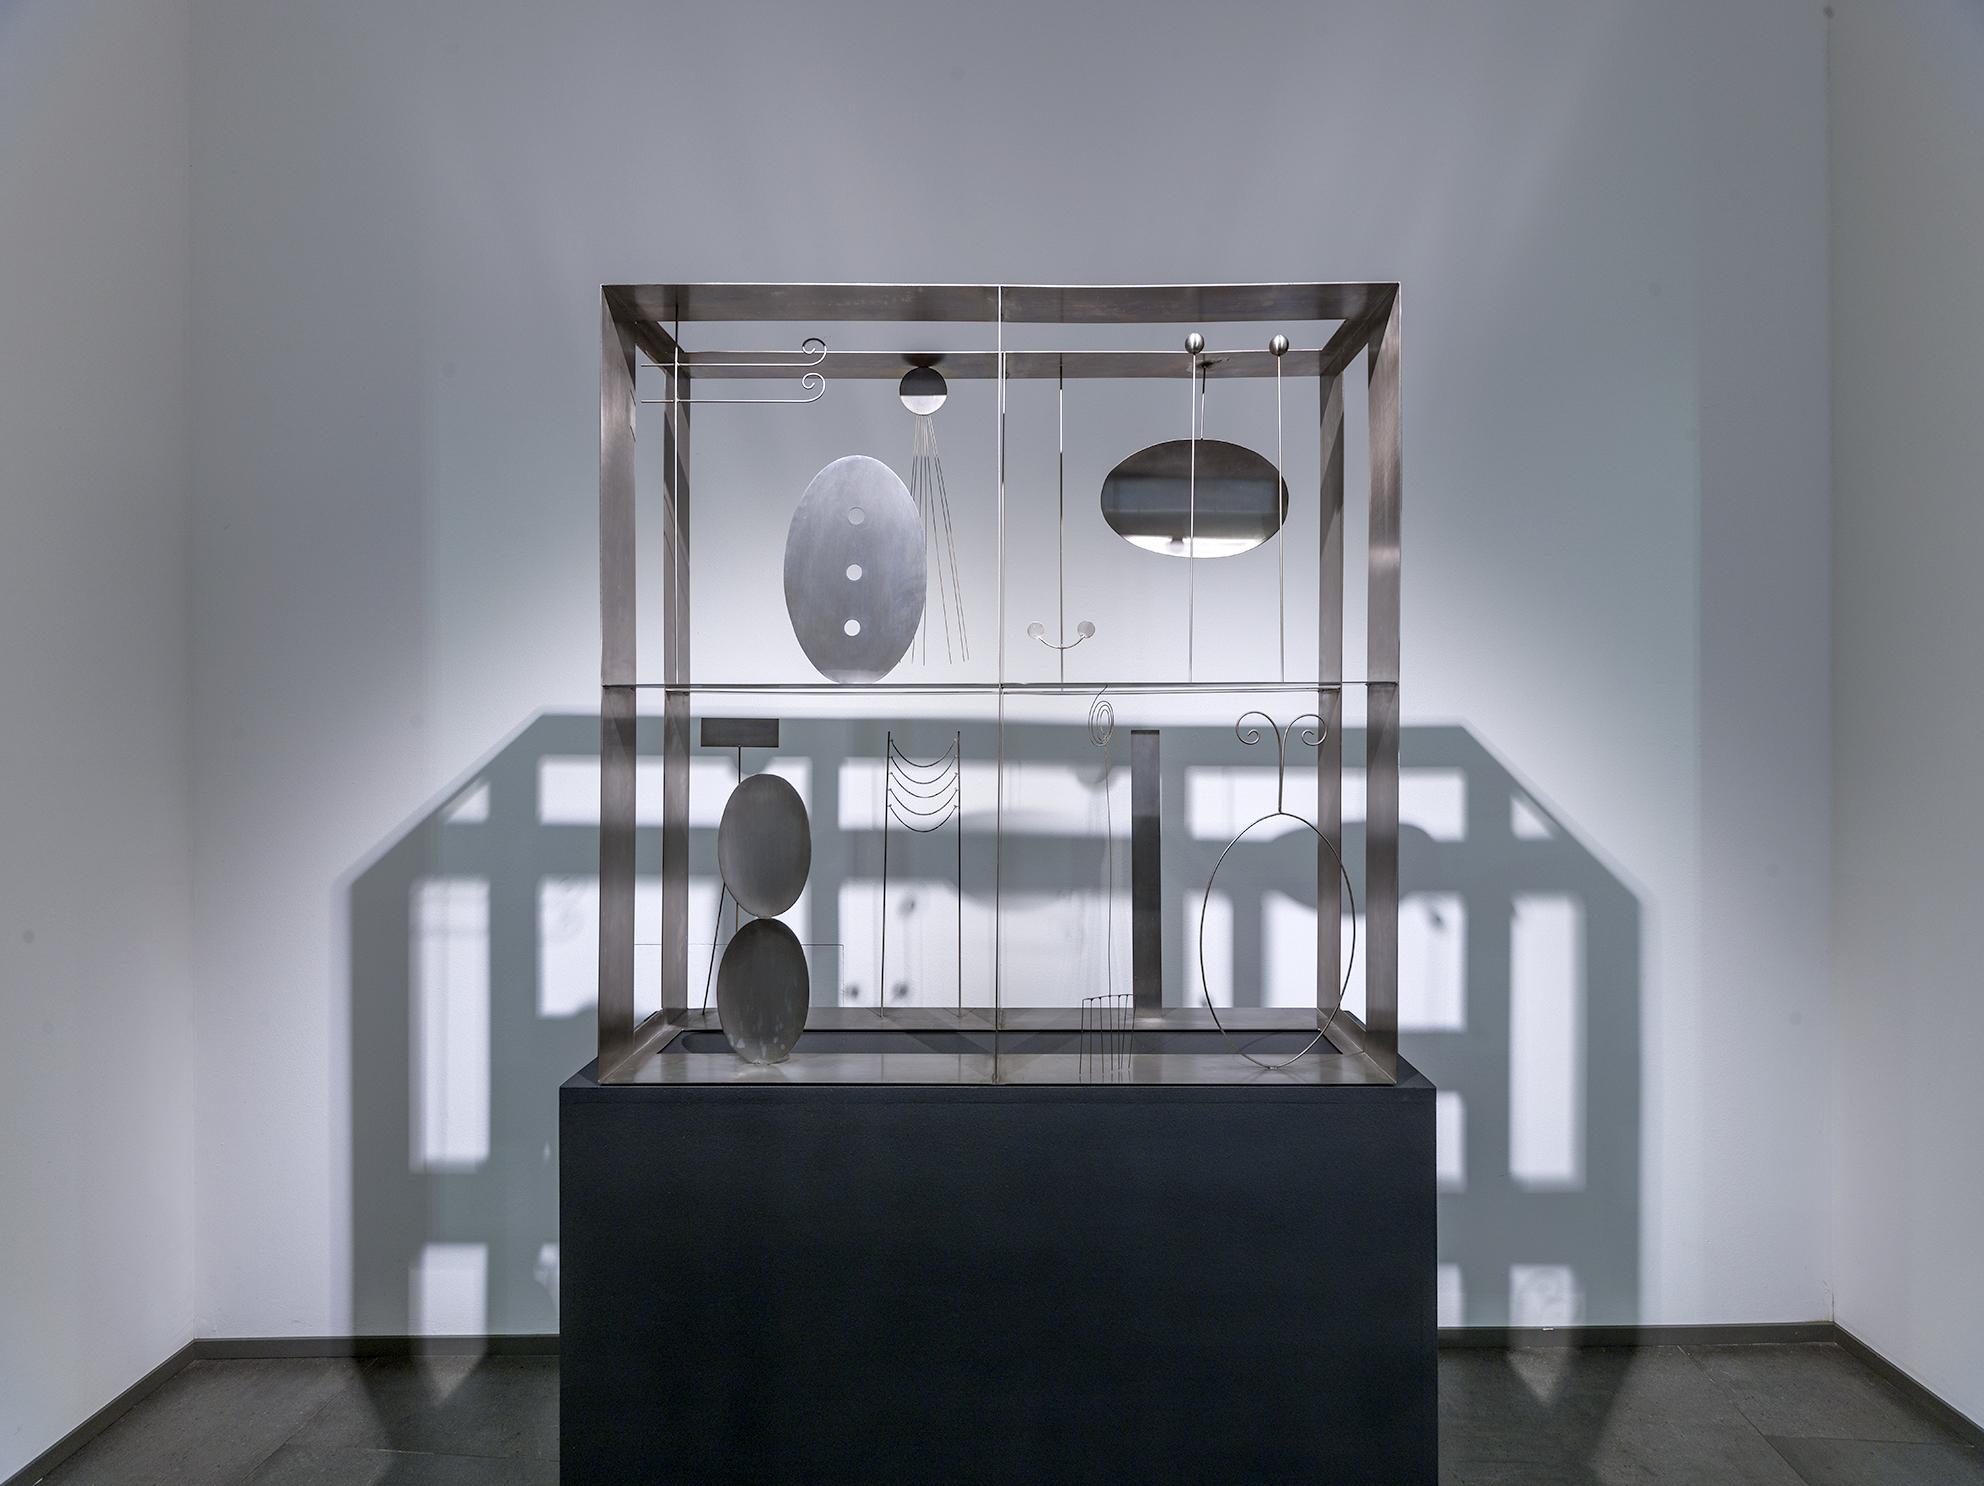 Burri, Fontana, Colla, Melotti. L'epopea di Galleria Niccoli in una storica retrospettiva a Parma